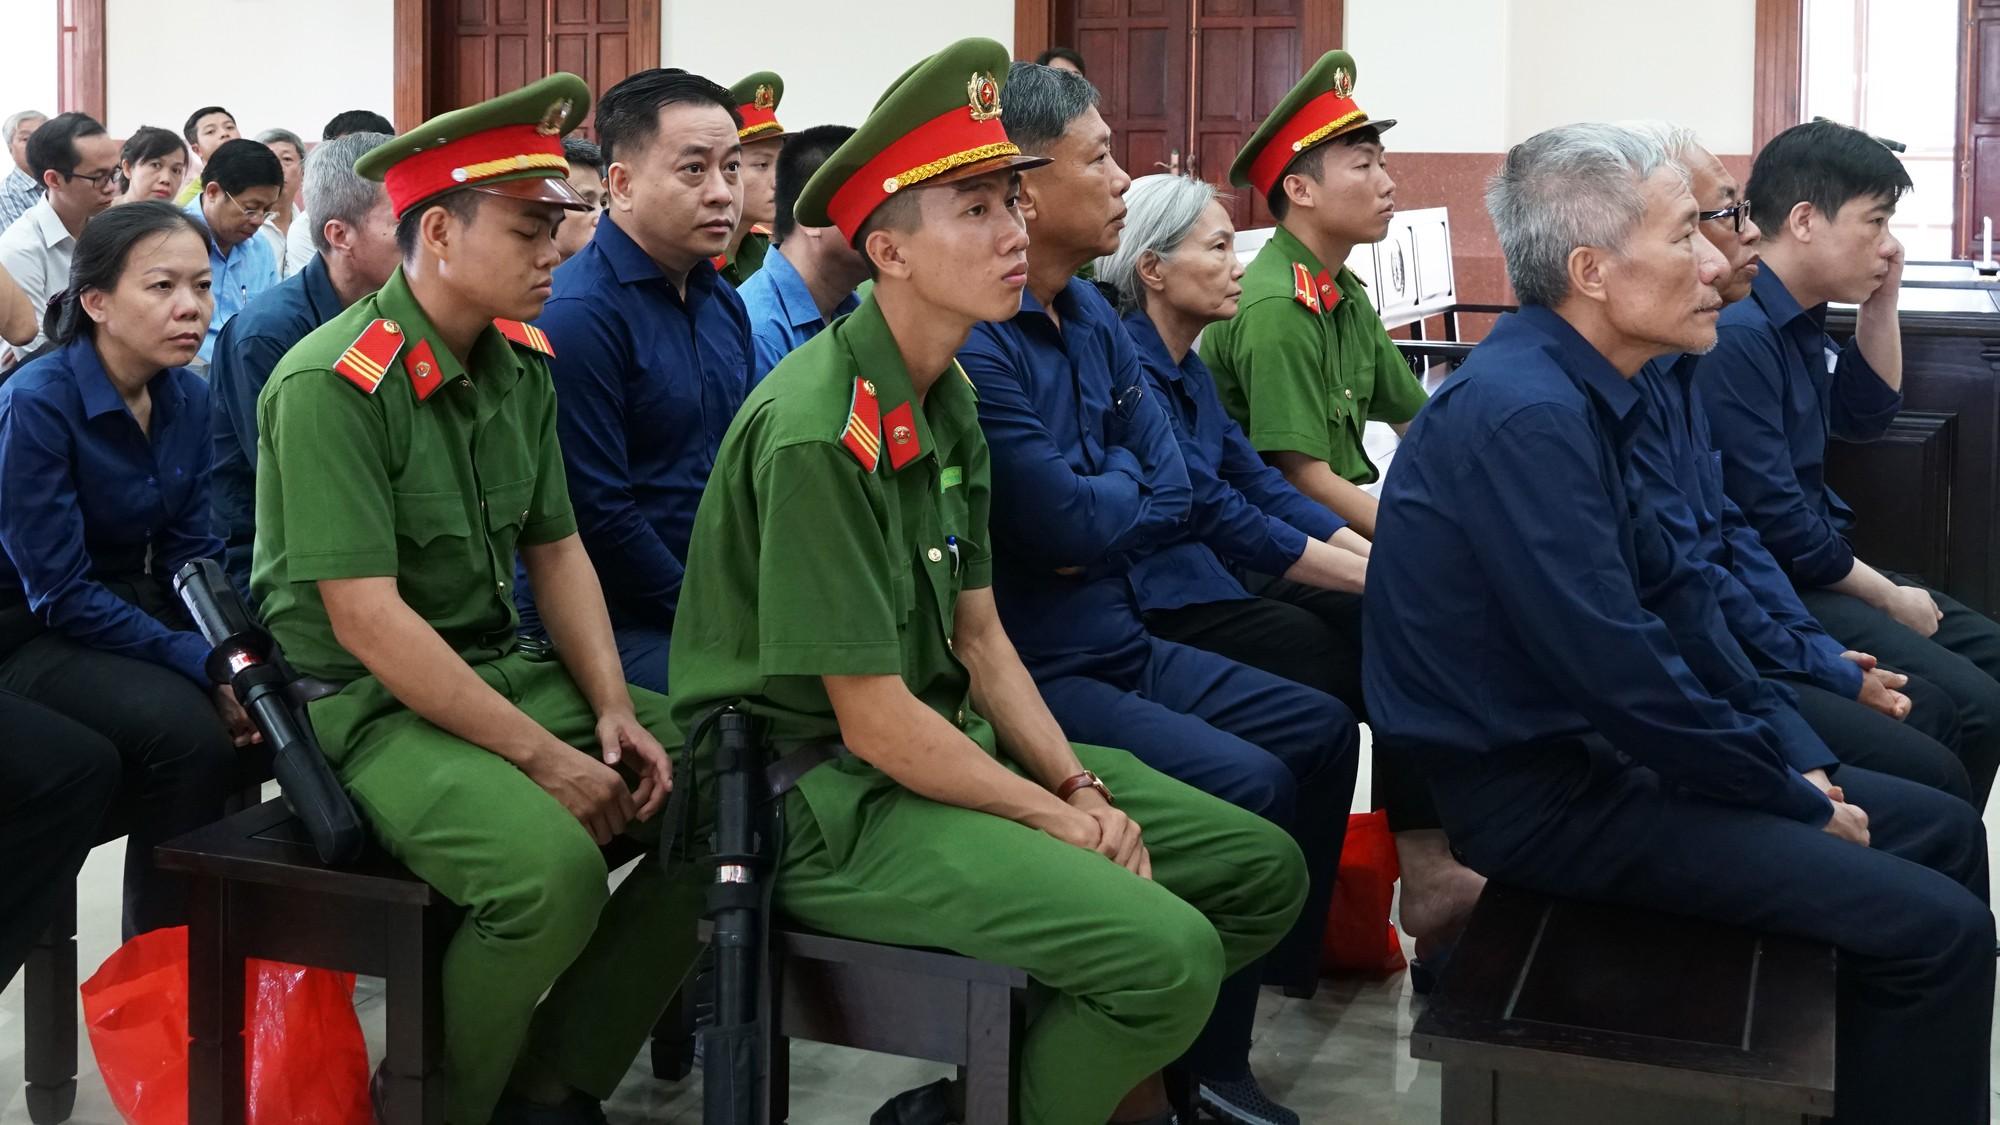 Hàng loạt luật sư vắng mặt, tòa hoãn xử phúc thẩm Vũ nhôm trong đại án ngân hàng Đông Á - Ảnh 4.